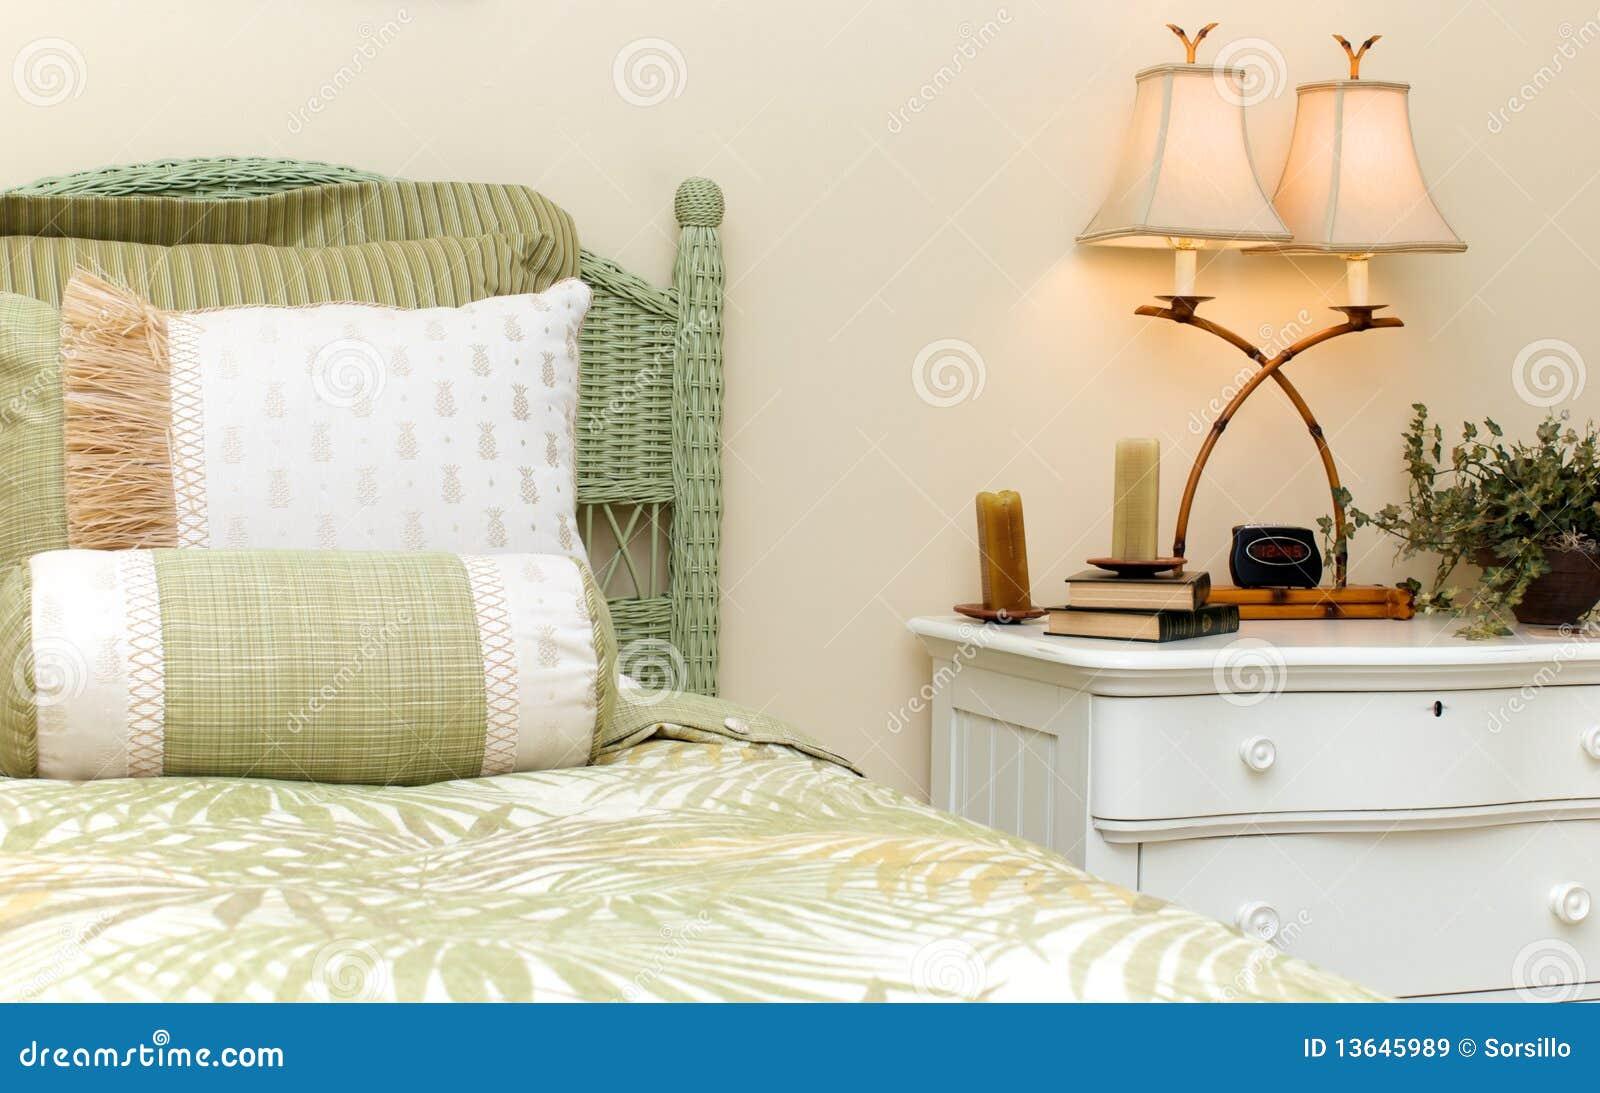 Candele Camera Da Letto : Camera da letto di vimini immagine stock immagine di candele